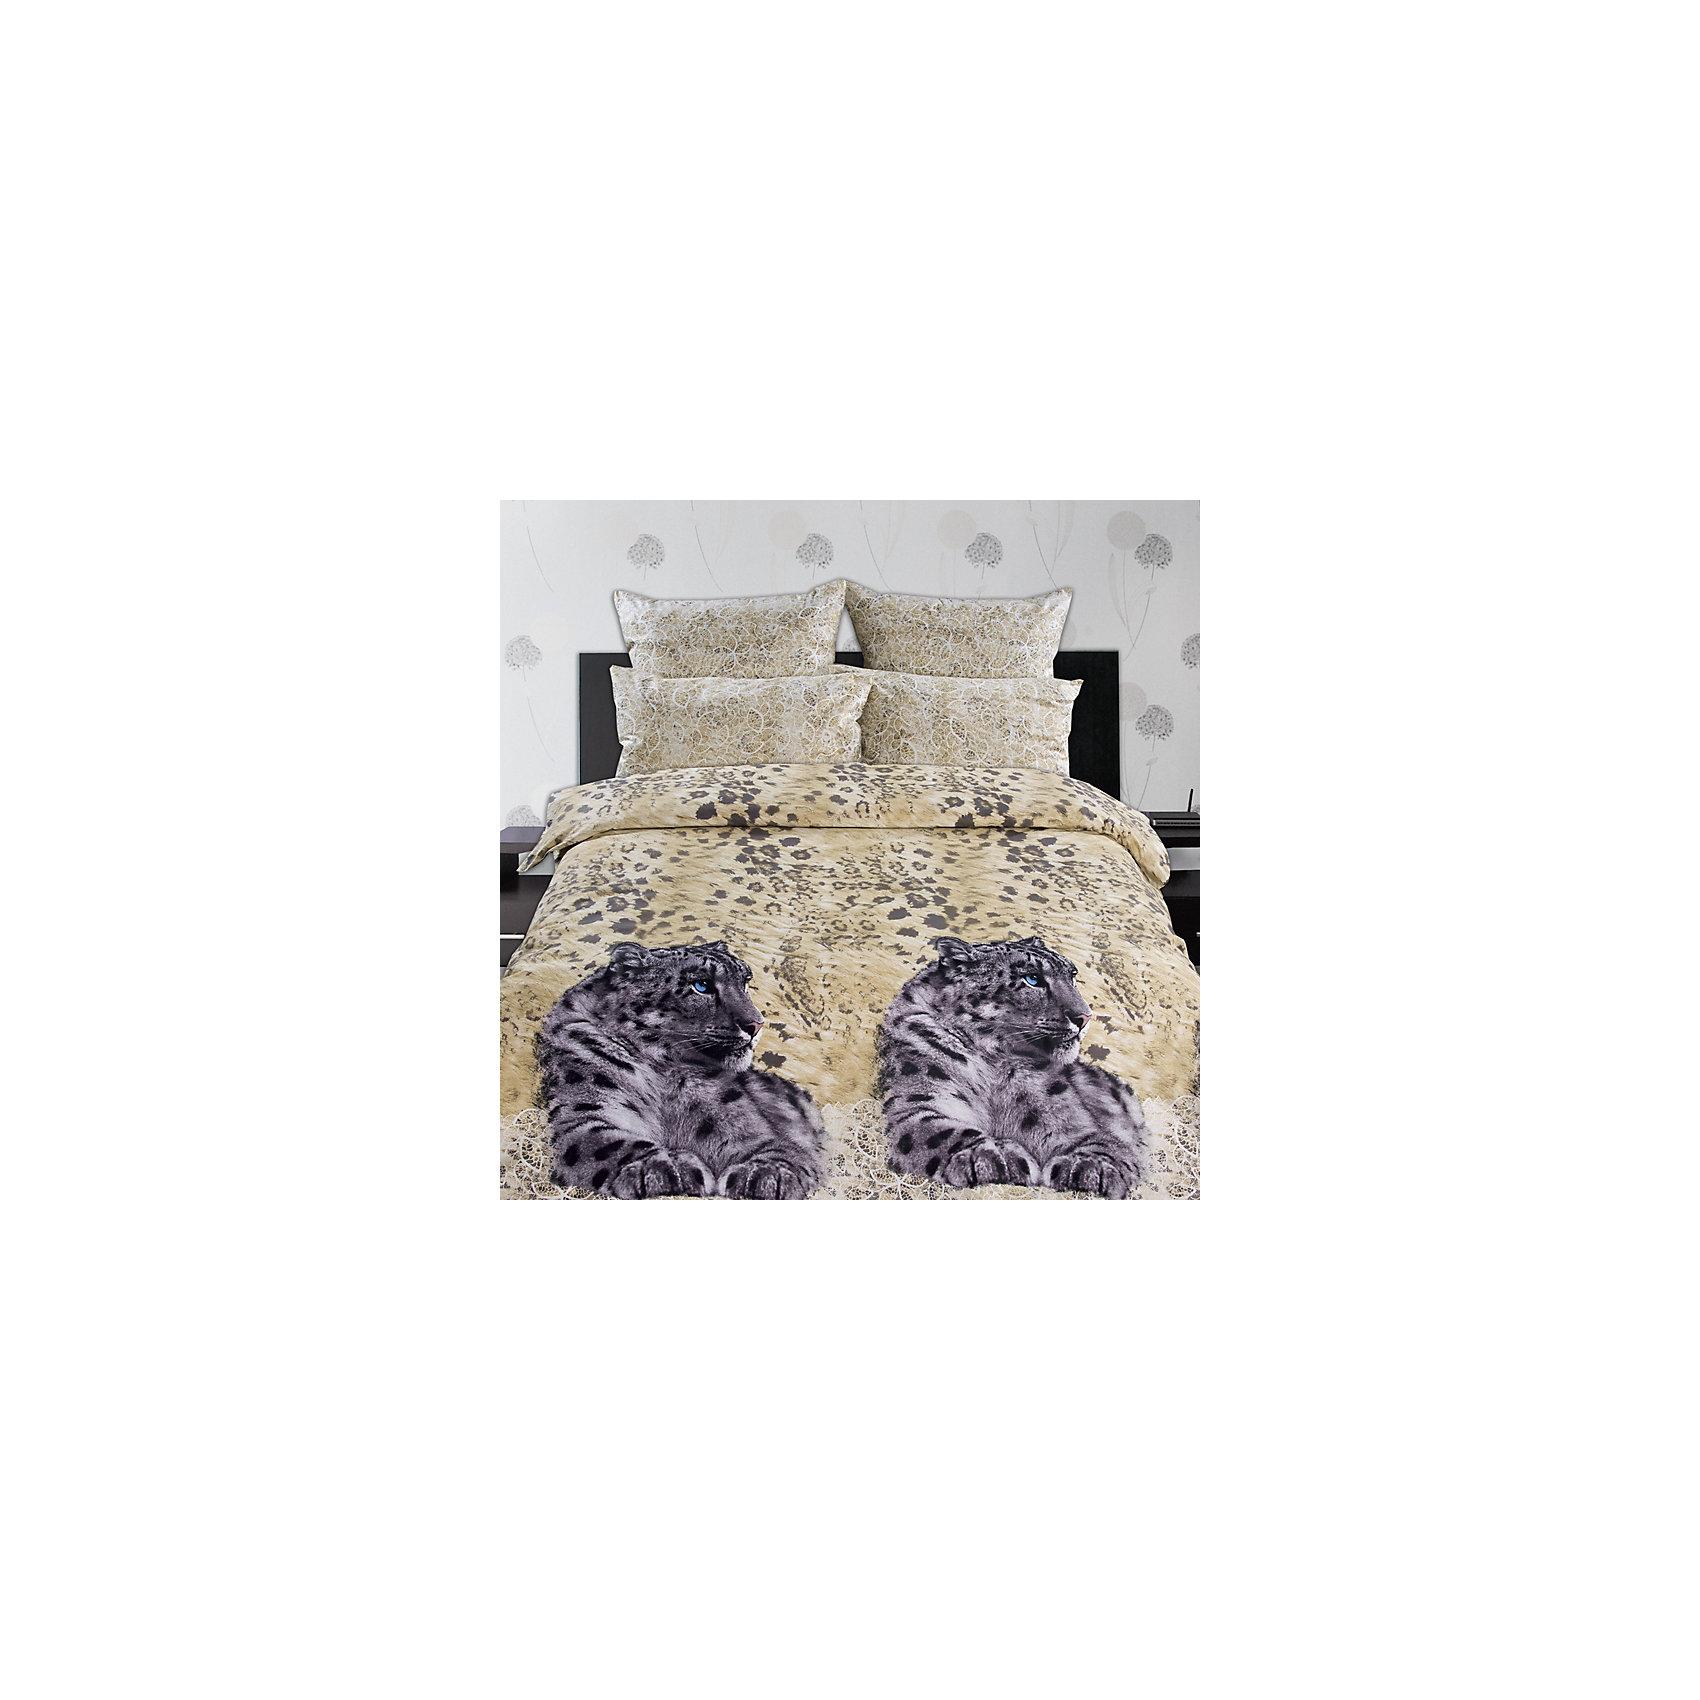 Постельное белье 2,0 поплин, Снежный барс, Любимый домПостельное белье 2,0 поплин Любимый дом КБЛд-21 рис.11598/11599 вид 1 Снежный барс - надежный и гипоаллергенный комплект. <br>Поплин – это надежная ткань, изготовленная из 100% хлопка. Ткань обладает высокой износостойкостью, поэтому комплект будет радовать долгие годы. Белье можно стирать в стиральной машине, не боясь потери цвета или деформации. Специализированная подпитка оставляет белье свежим и чистым, отталкивая грязь и пыль. <br><br>Дополнительная информация:<br><br>Размер: Пододеяльник 215*175, простынь 220*240, 2 наволочки 70*70<br>Материал: Поплин, 100% хлопок<br><br>Постельное белье 2,0 поплин Любимый дом КБЛд-21 рис.11598/11599 вид 1 Снежный барс можно купить в нашем интернет магазине.<br><br>Ширина мм: 270<br>Глубина мм: 90<br>Высота мм: 370<br>Вес г: 1500<br>Возраст от месяцев: 84<br>Возраст до месяцев: 1188<br>Пол: Унисекс<br>Возраст: Детский<br>SKU: 4904997